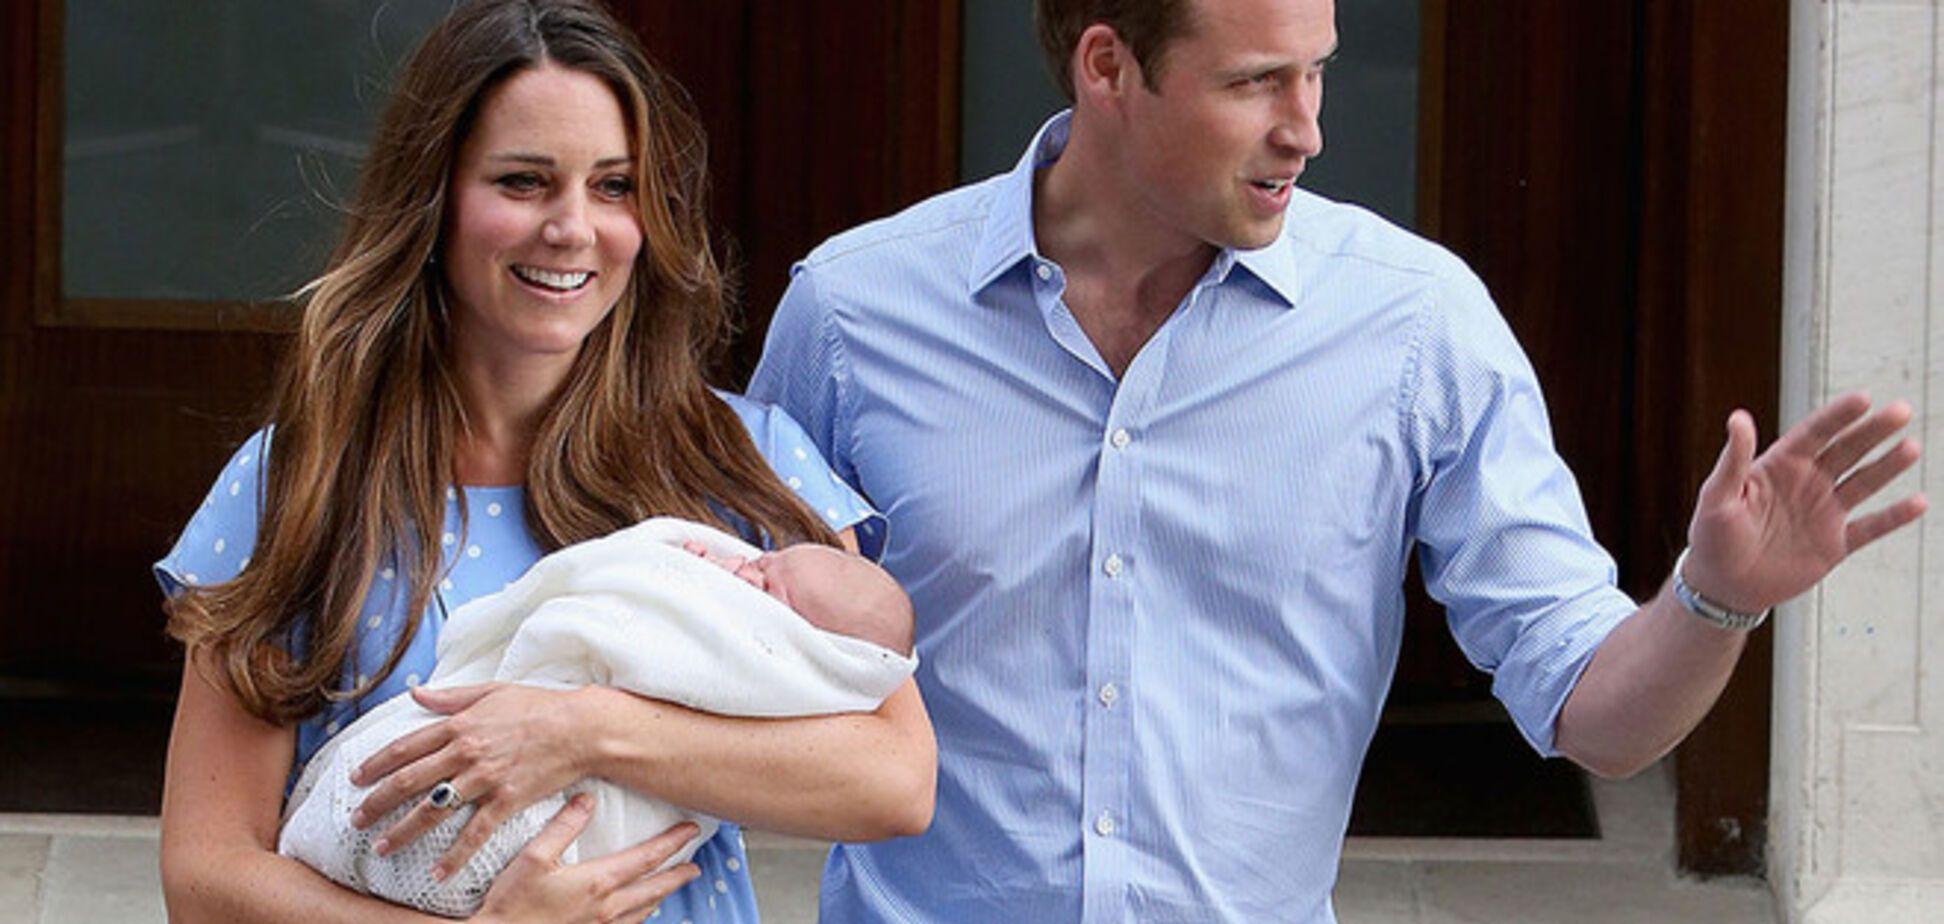 Кейт Міддлтон виношує близнюків для британської корони